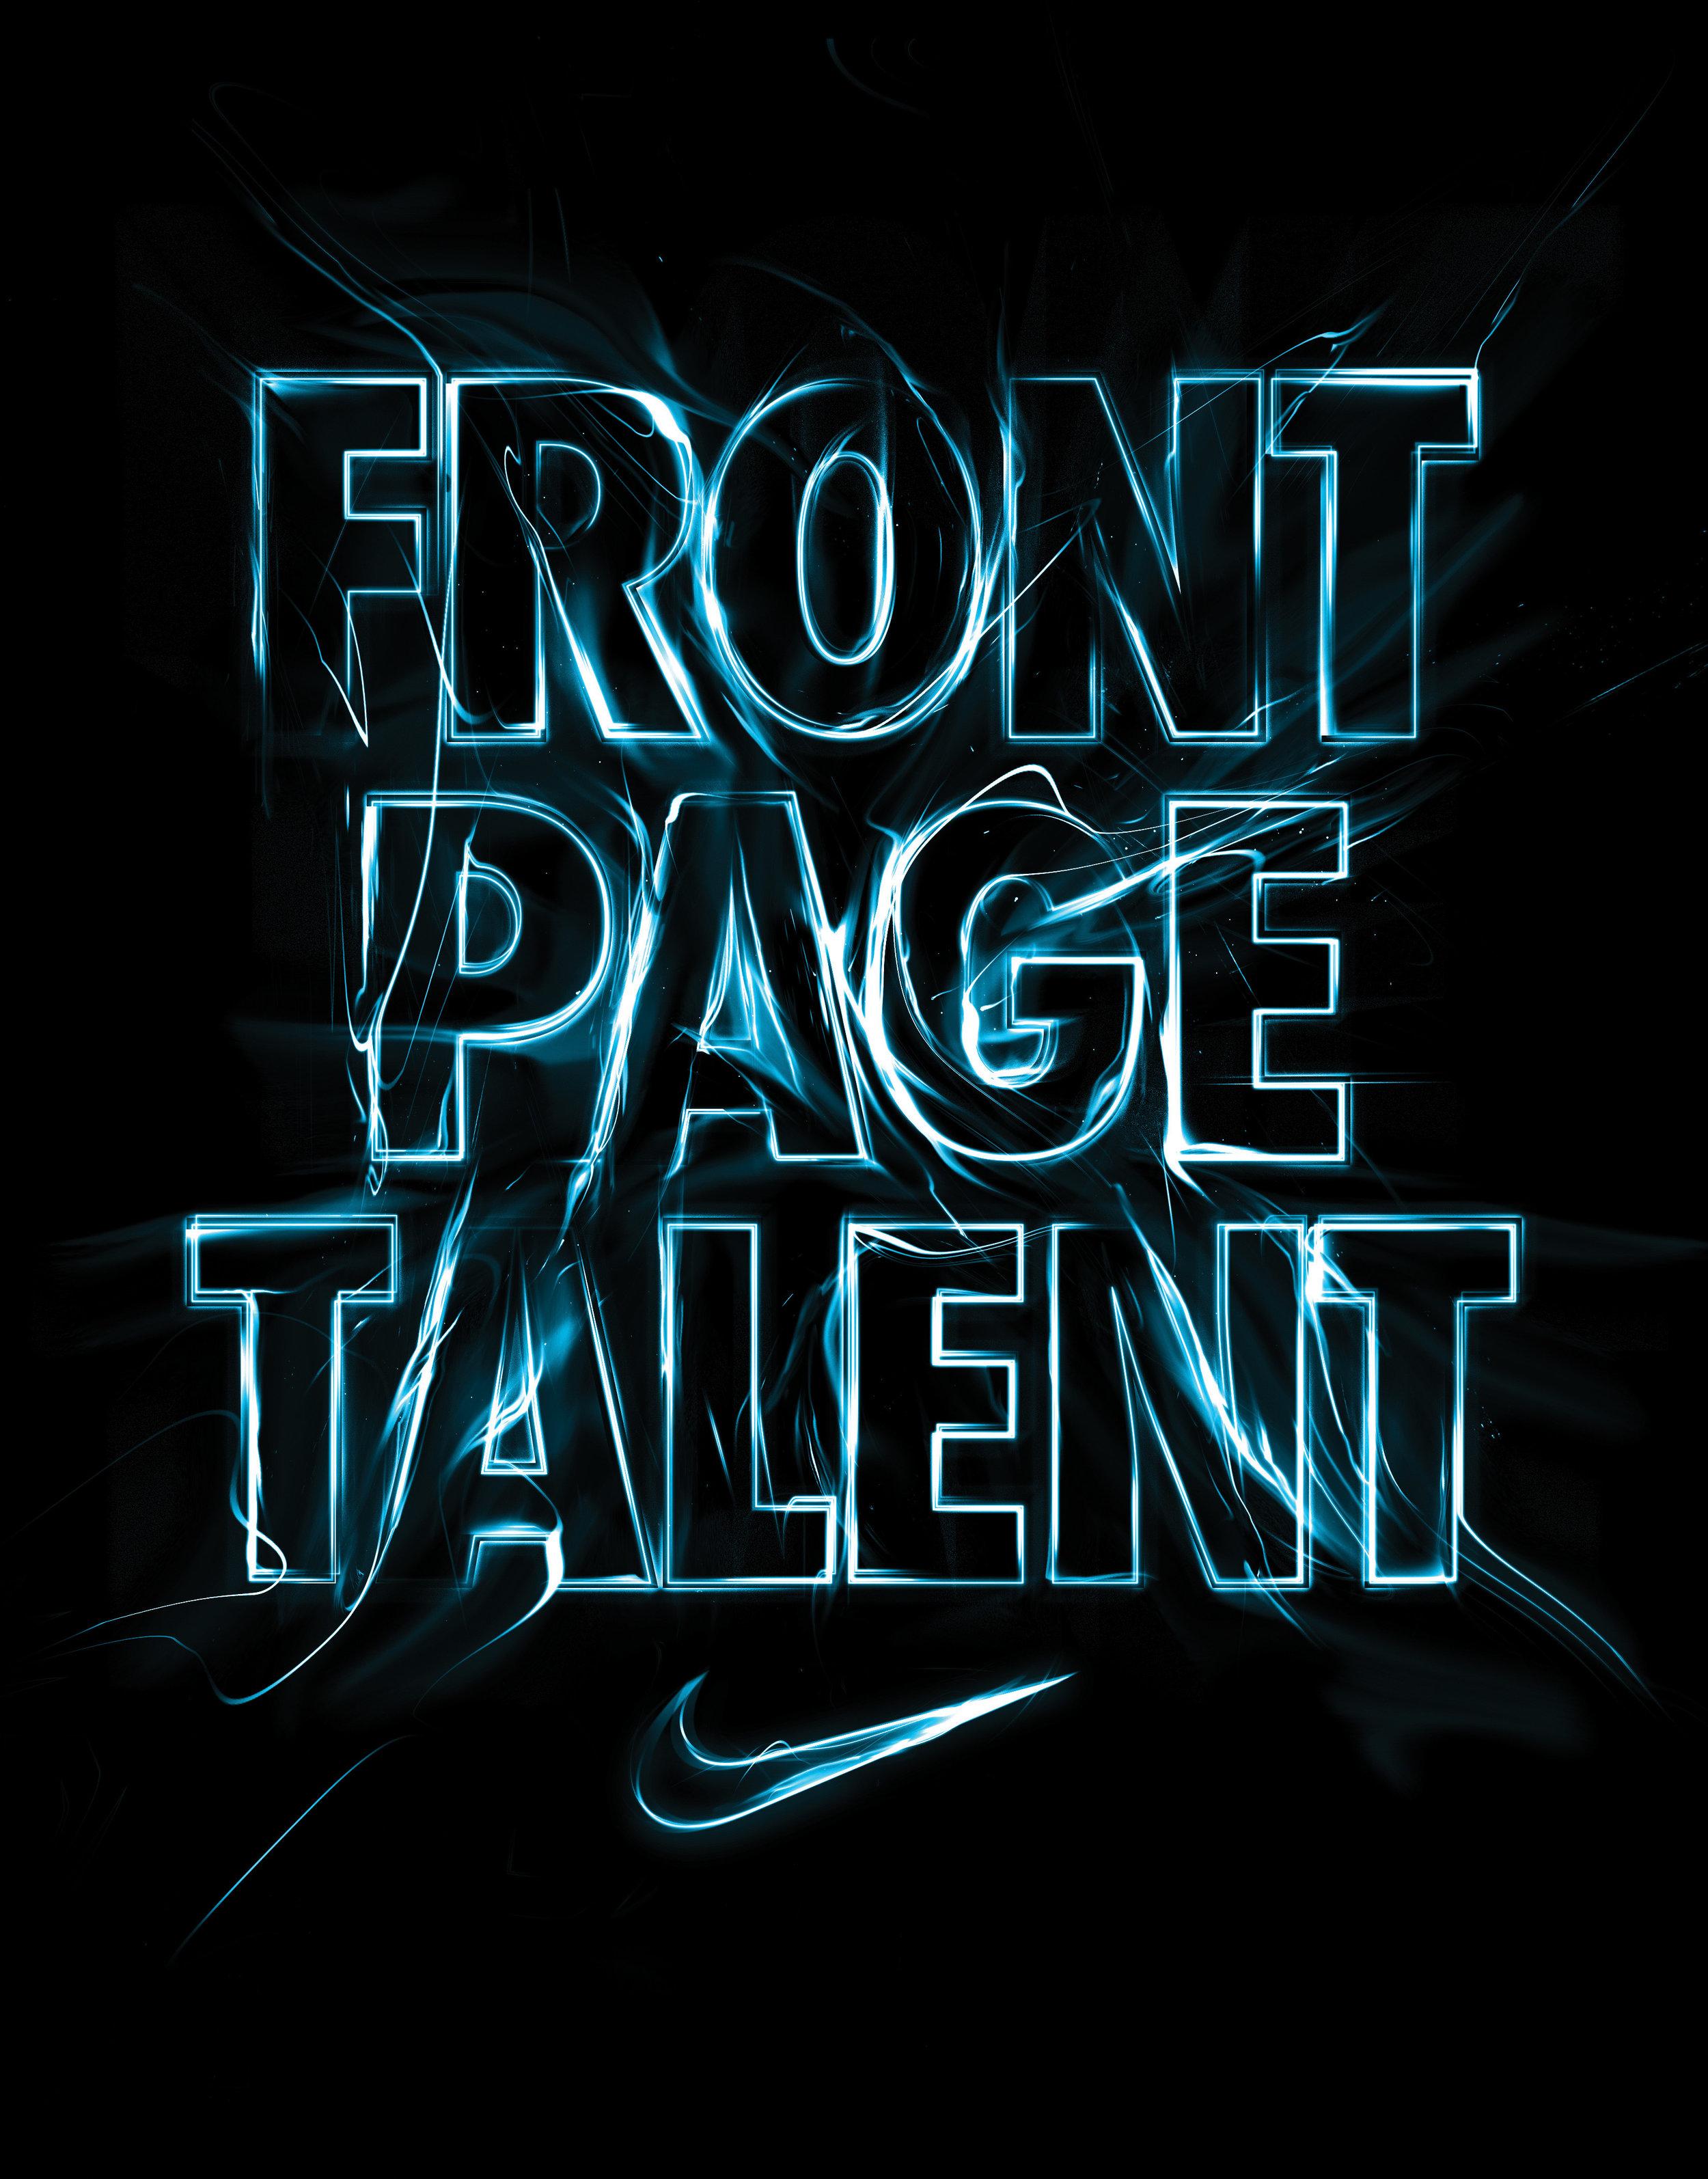 Nike_FPT_HiRes.jpg